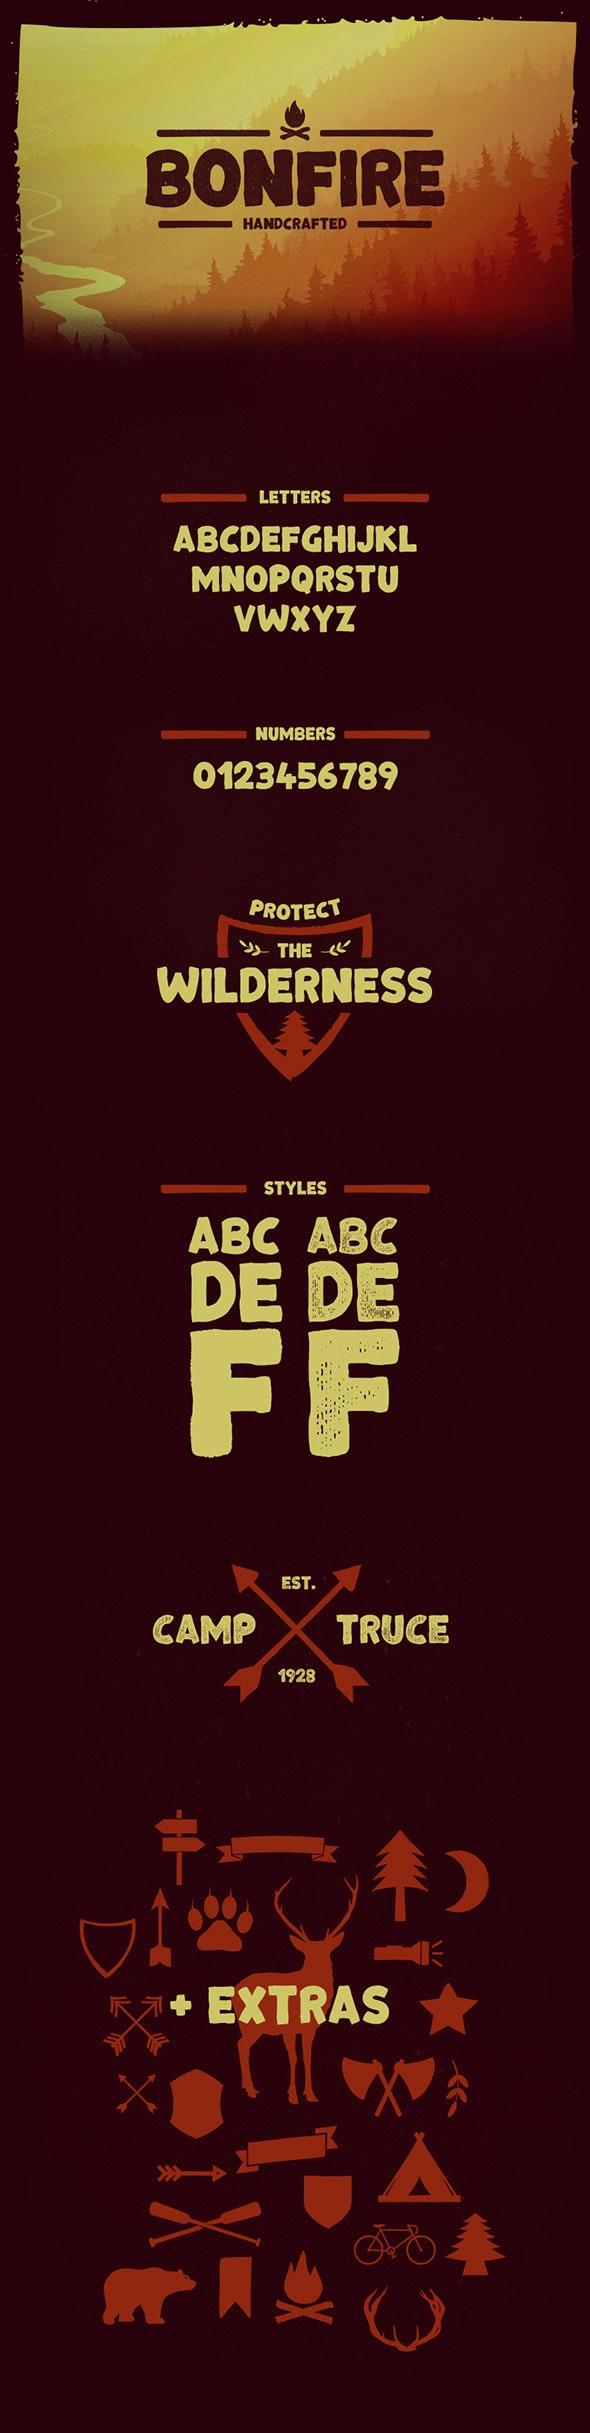 Bonfire Typeface - Fonts